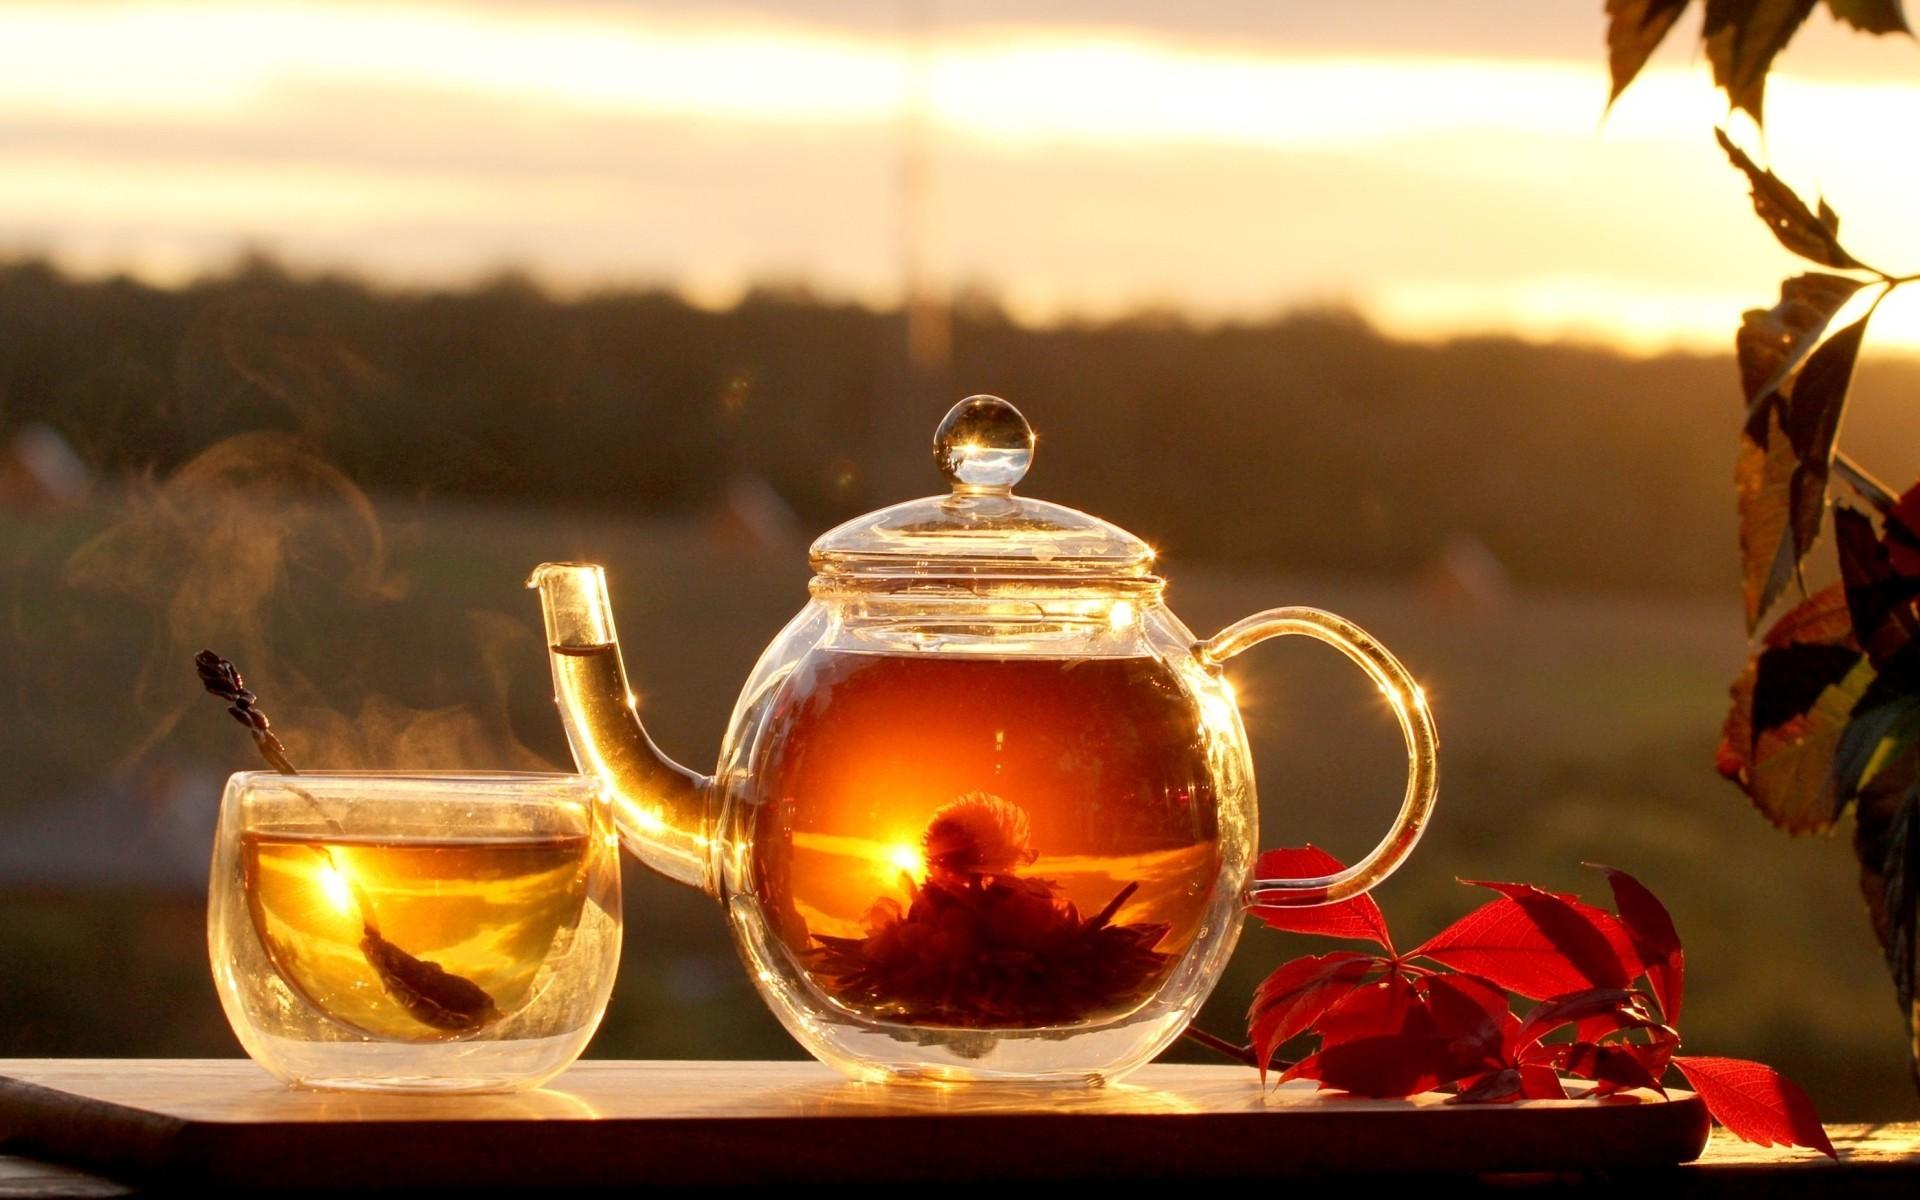 хлеб чай кружка чайник масло  № 2118868 загрузить